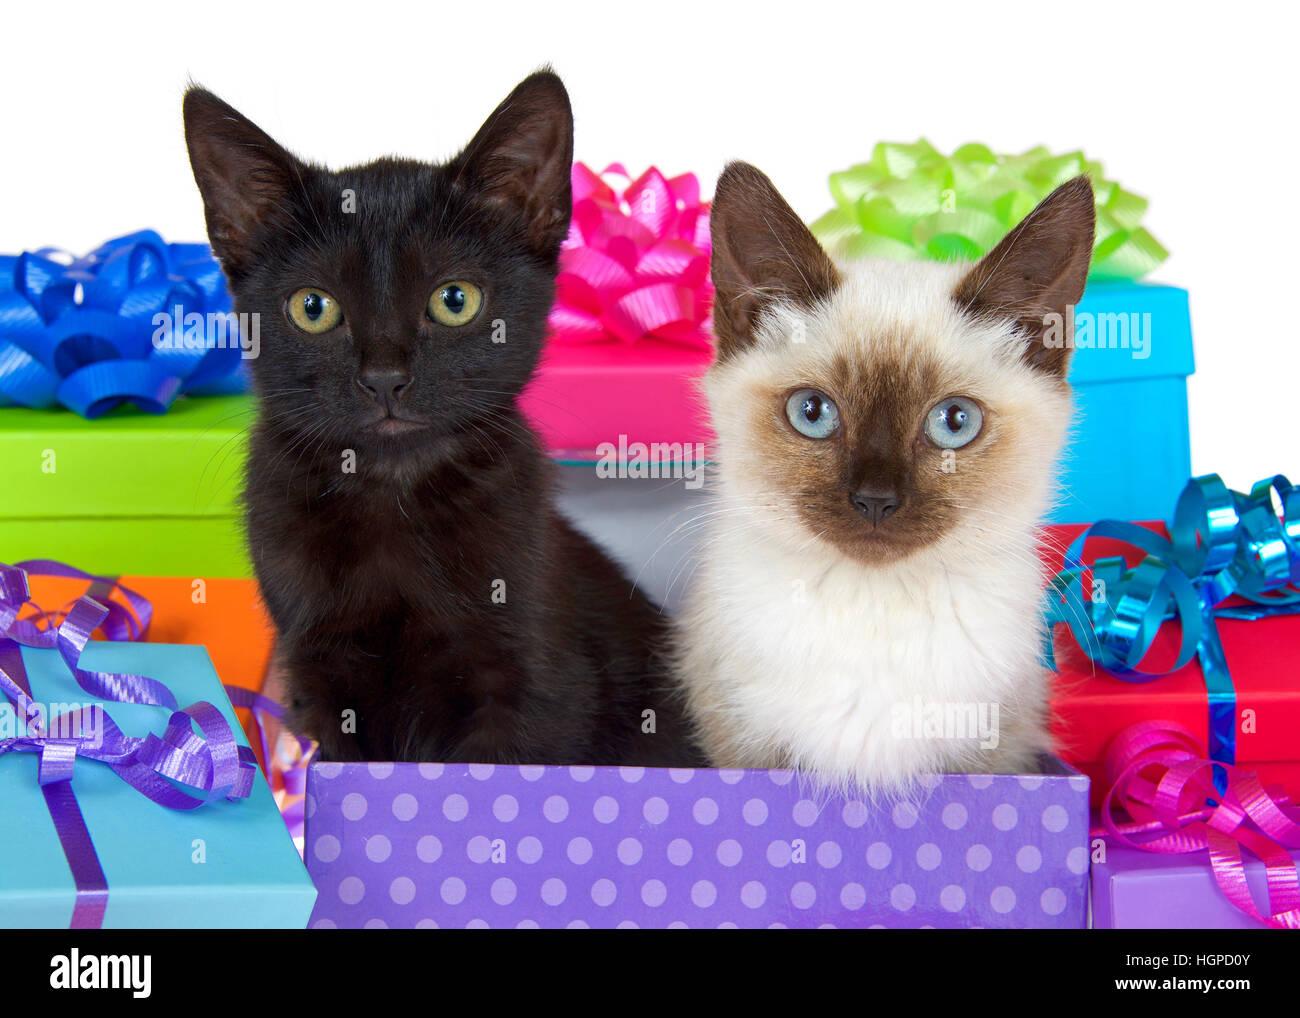 Gatito Negro Con Ojos Amarillos Junto Al Gato Siames Con Ojos Azules